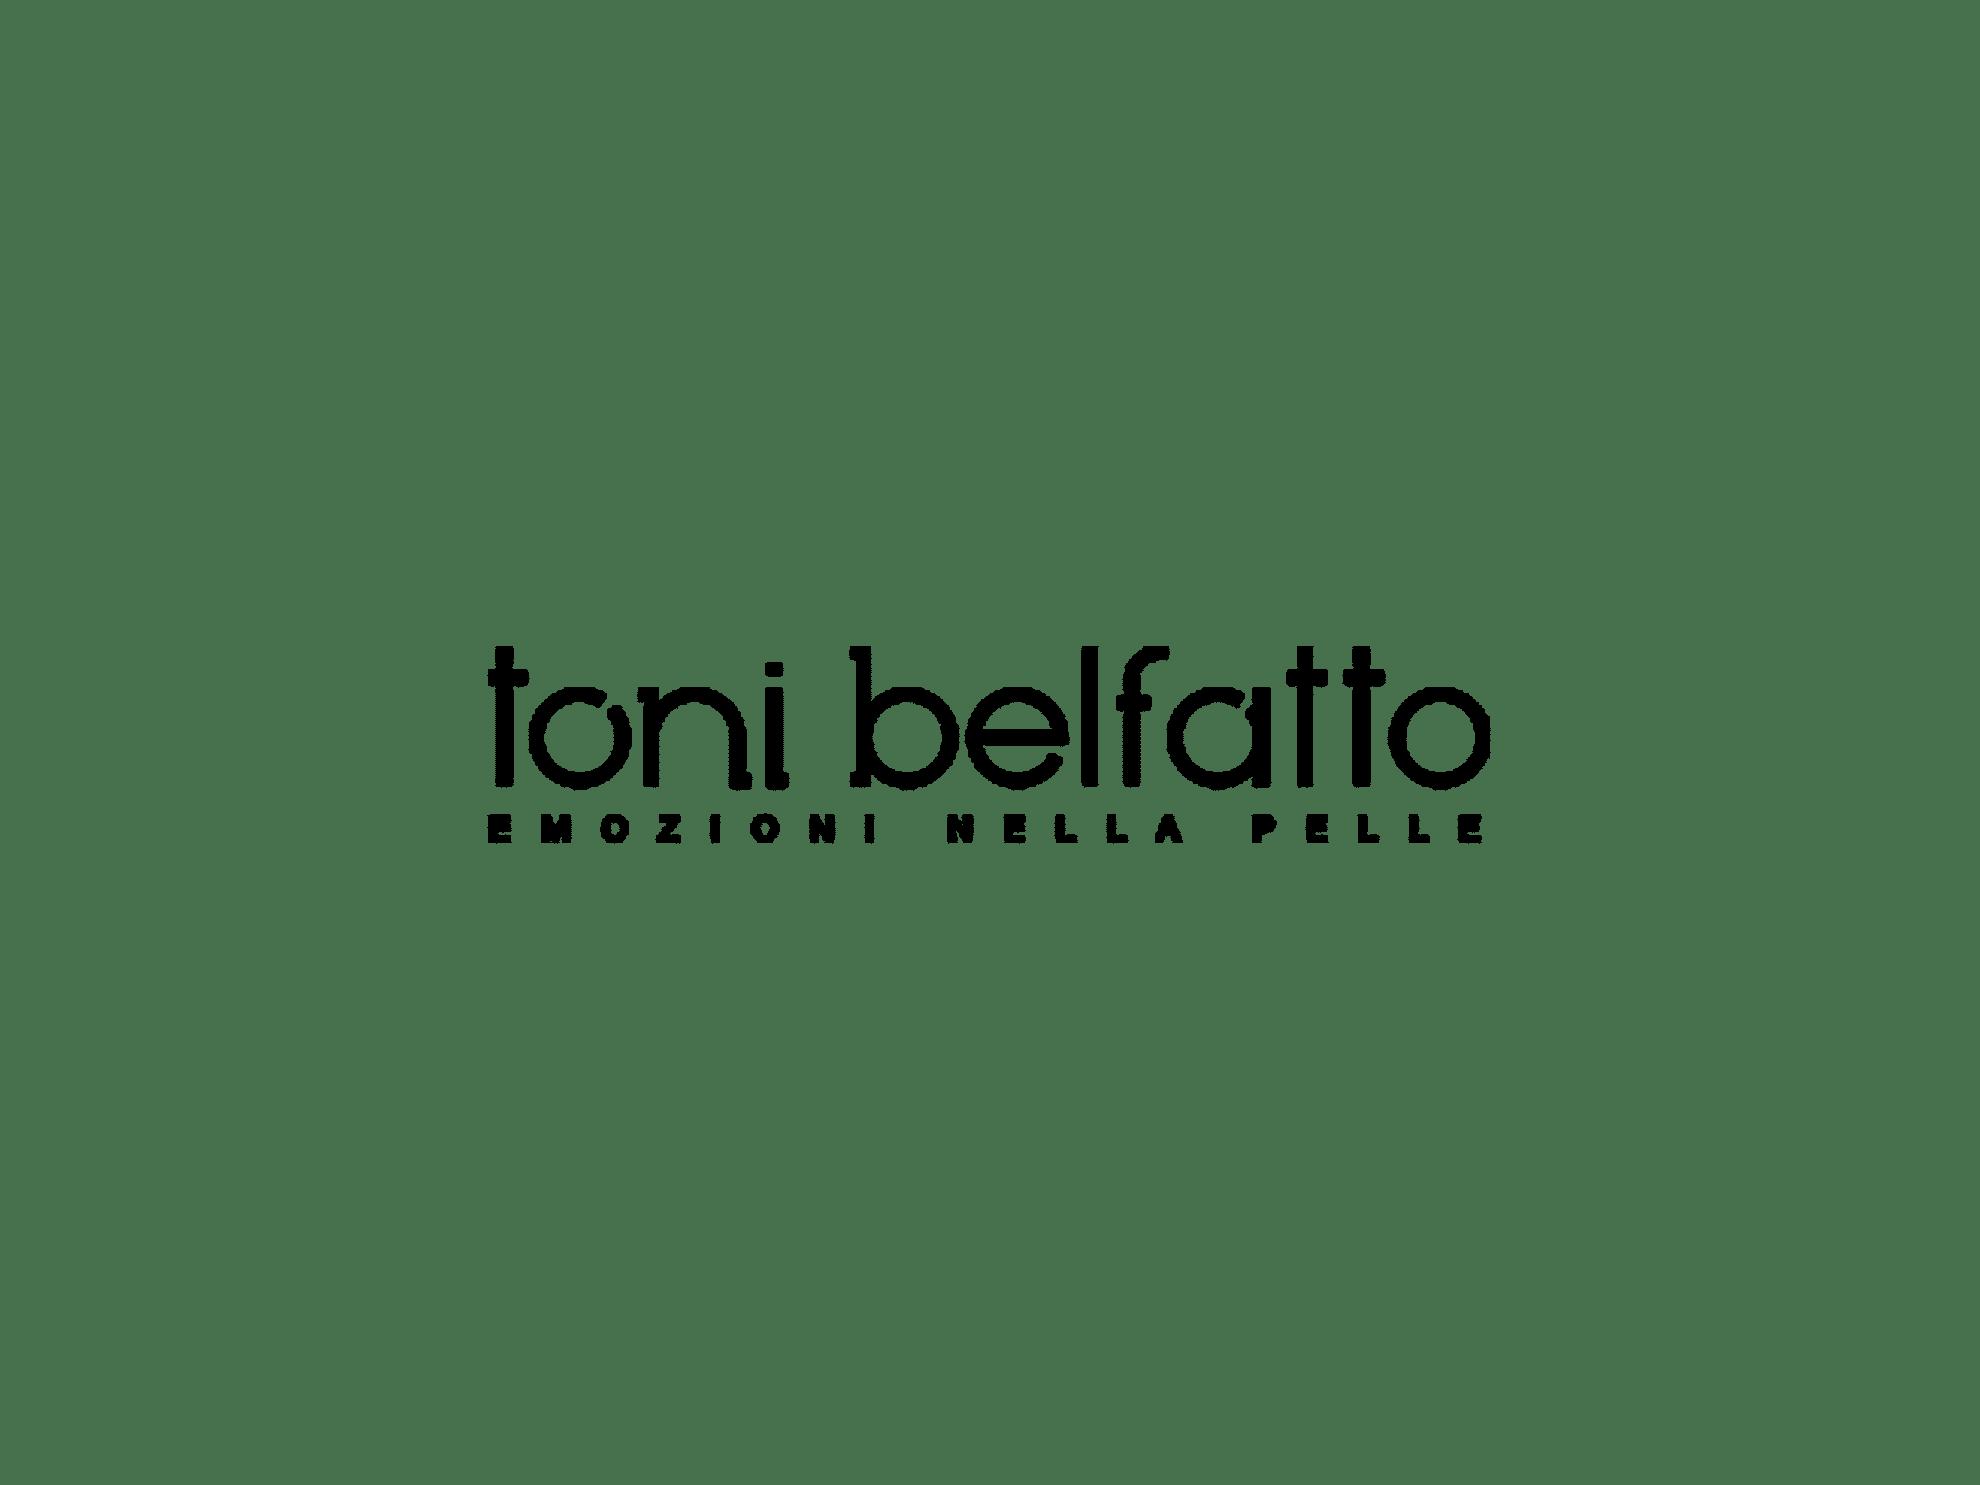 Toni Belfatto logo - cookie - agenzia comunicazione